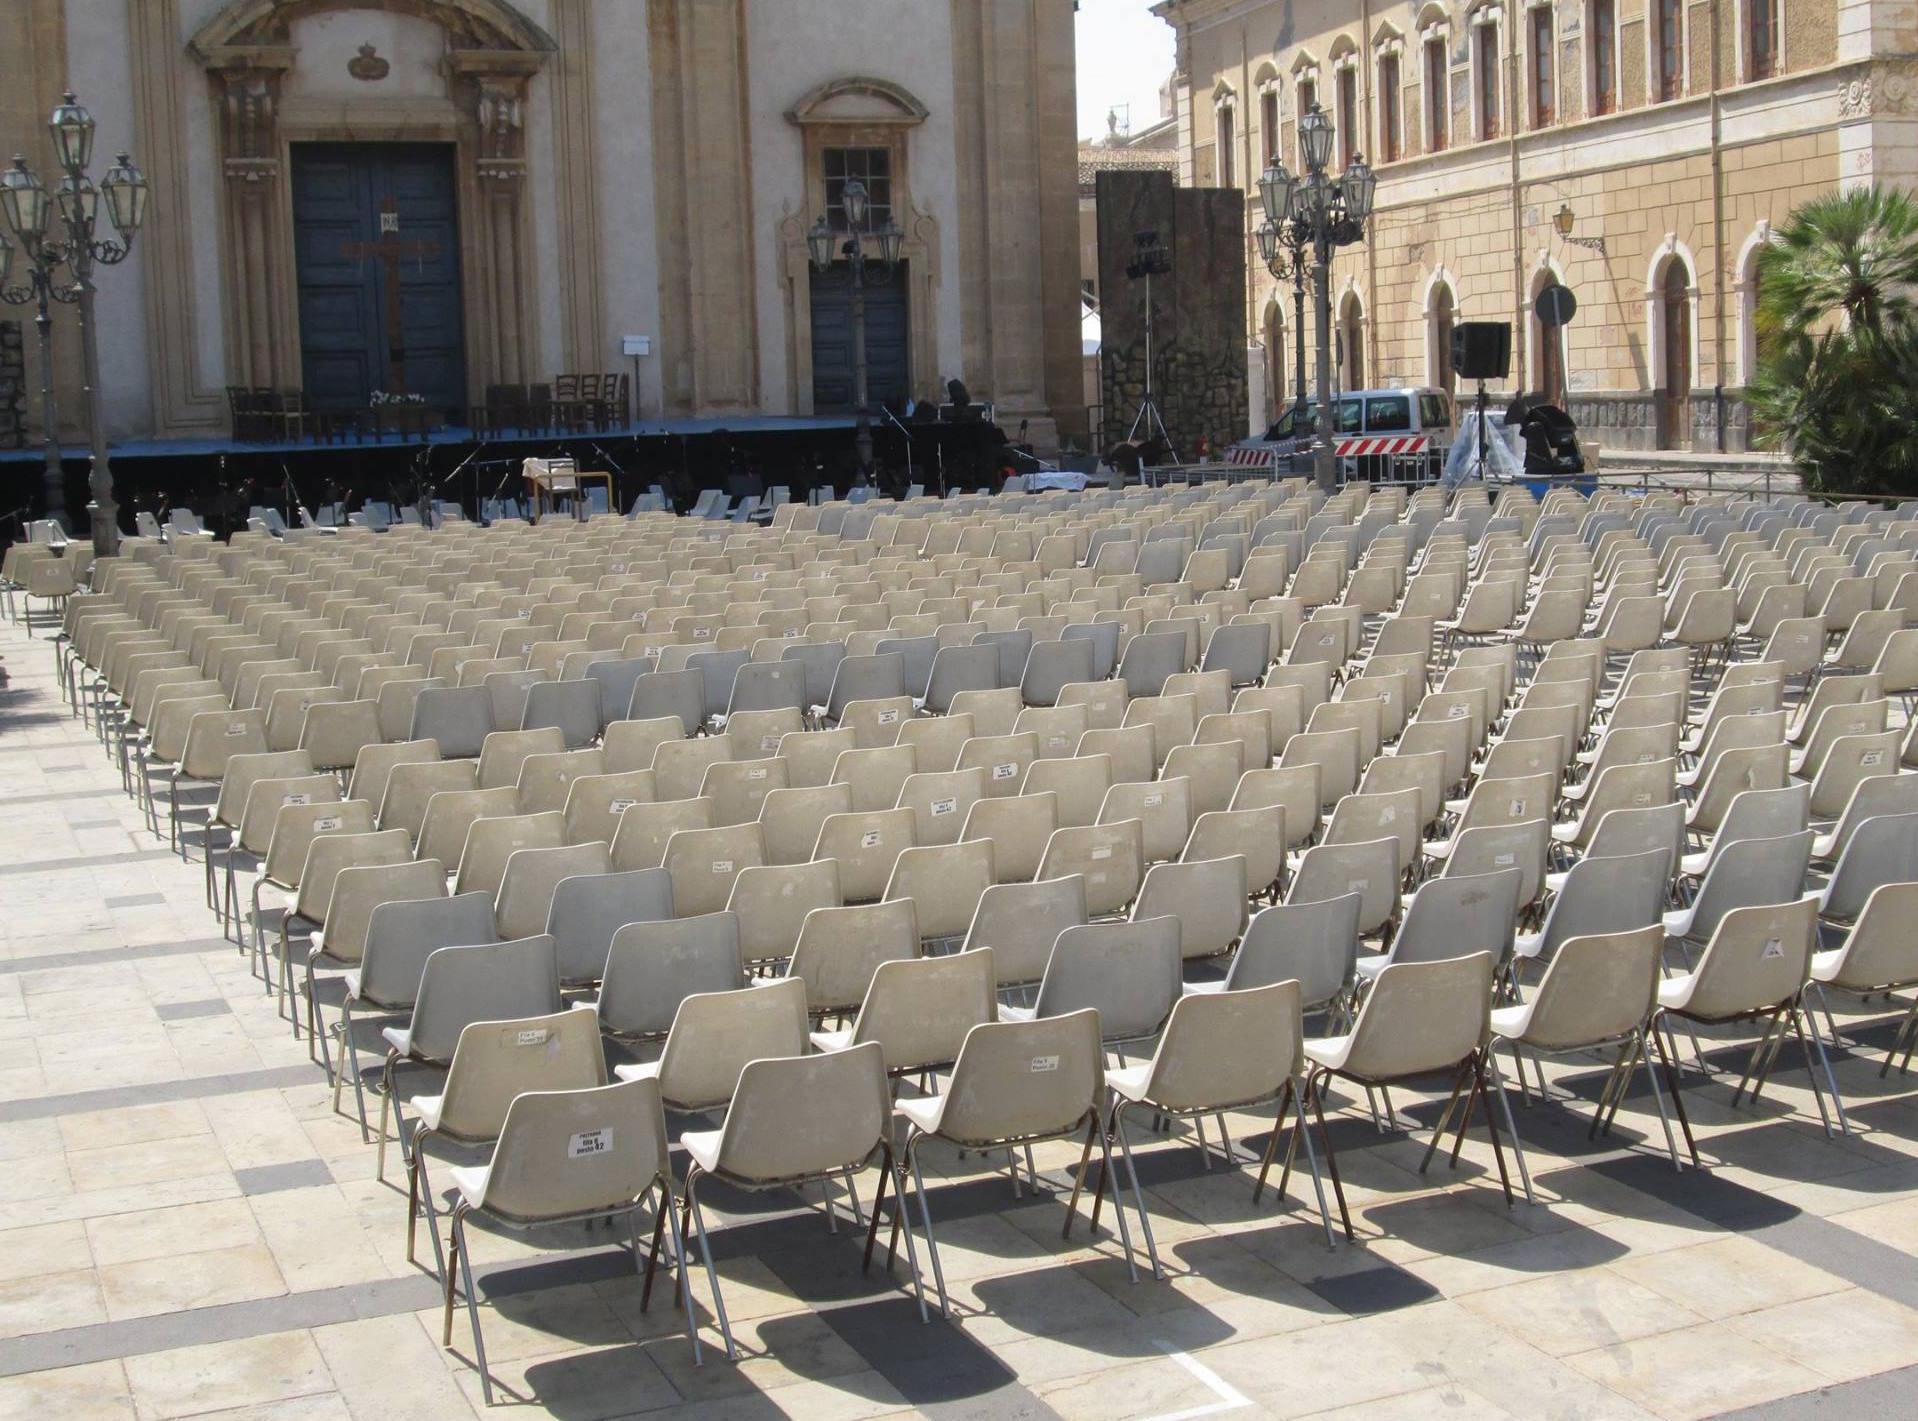 Piazza Duomo allestita per spettacolo Cavalleria Rusticana